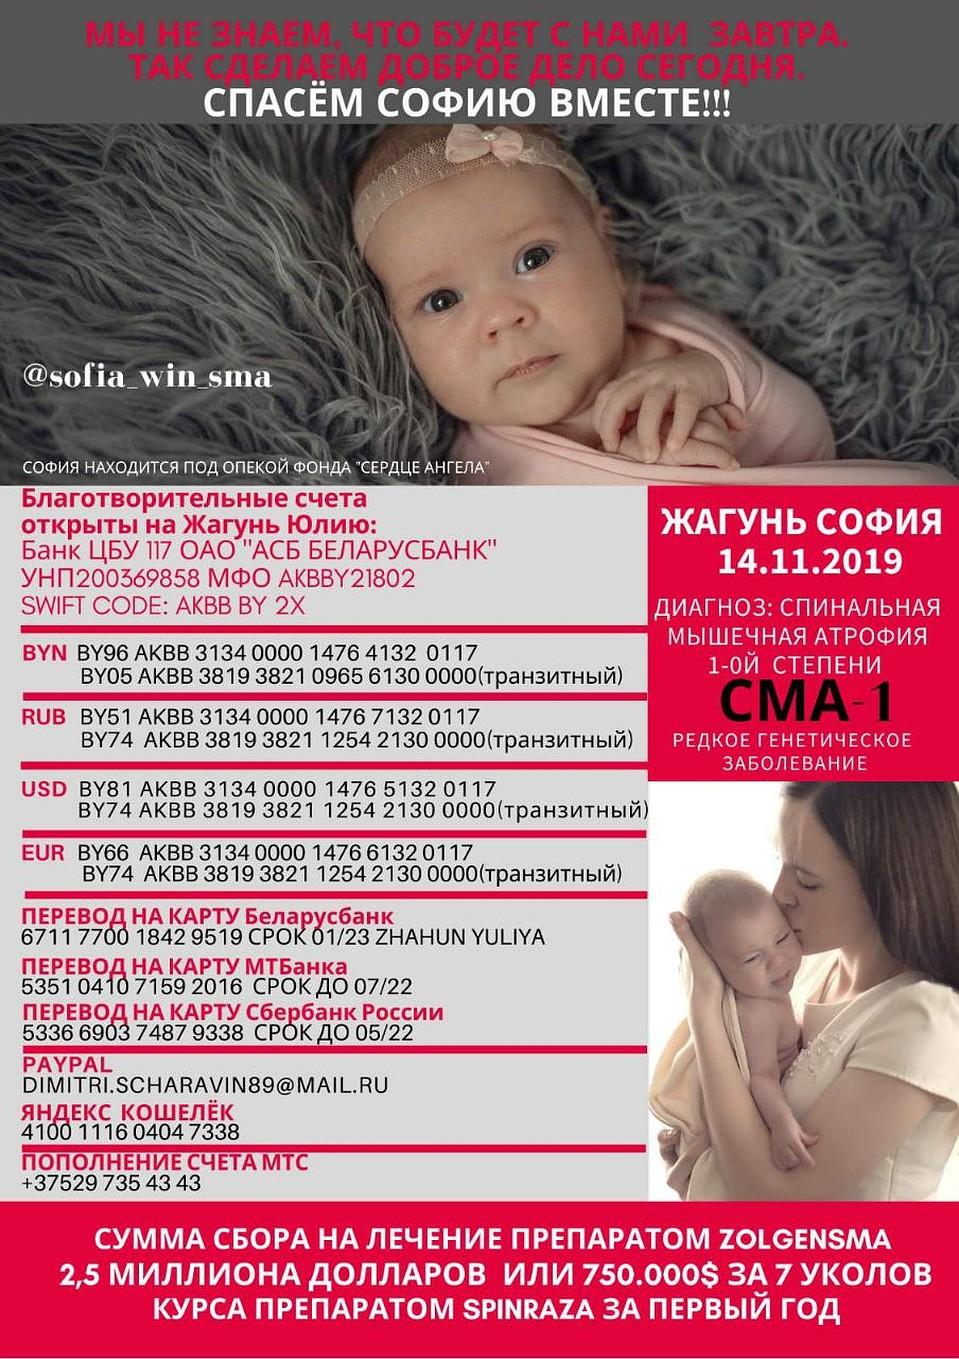 Реквизиты благотворительных счетов для помощи Софии.